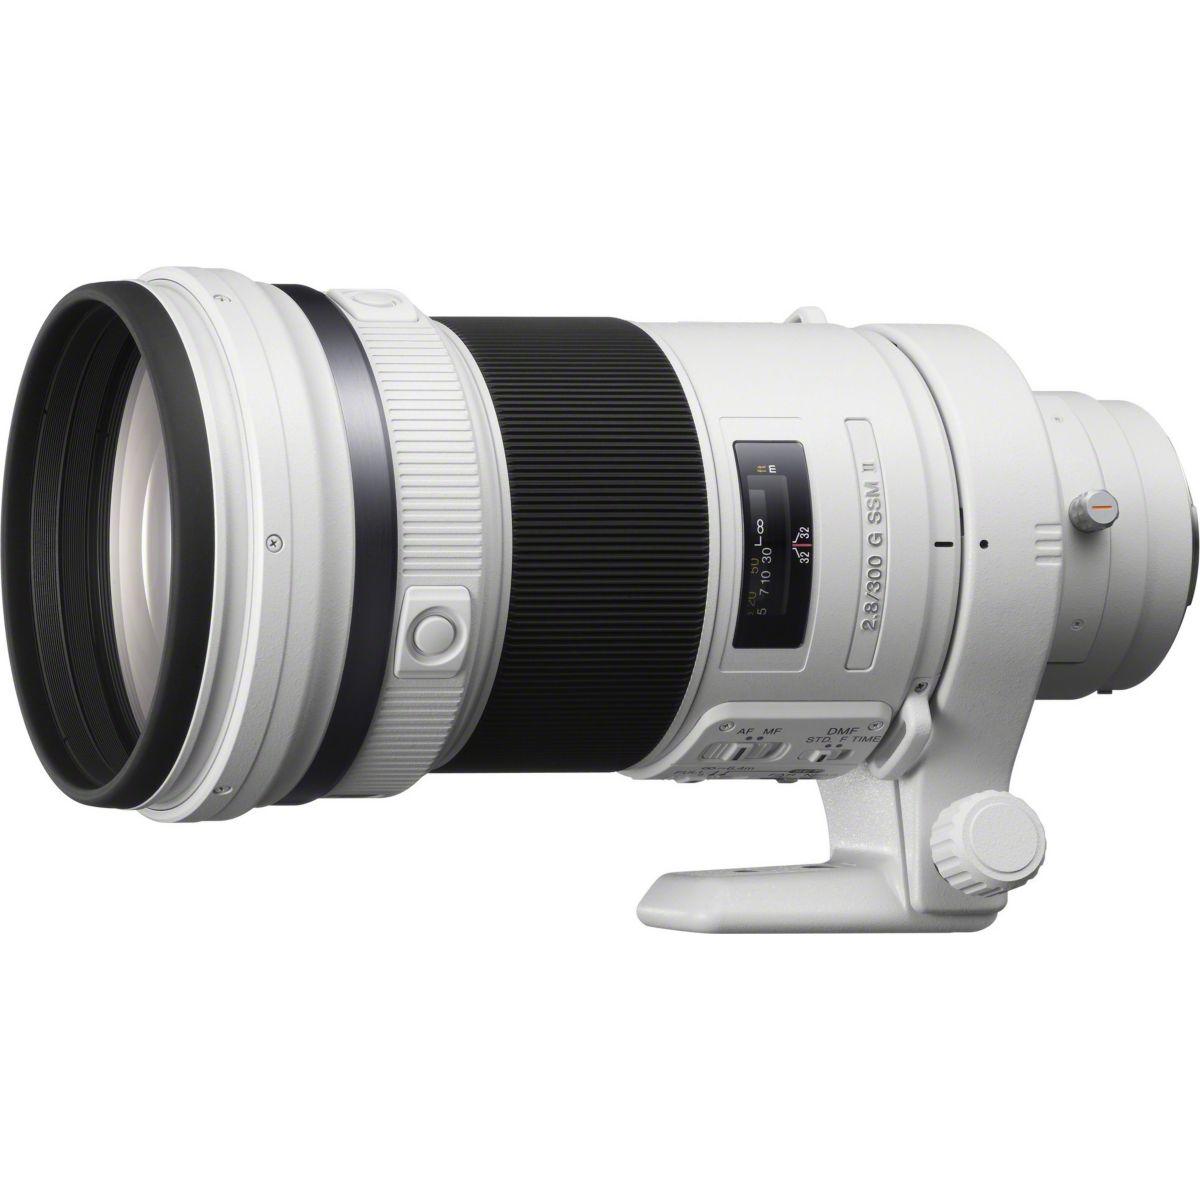 Objectif pour Reflex SONY 300mm f/2.8 G